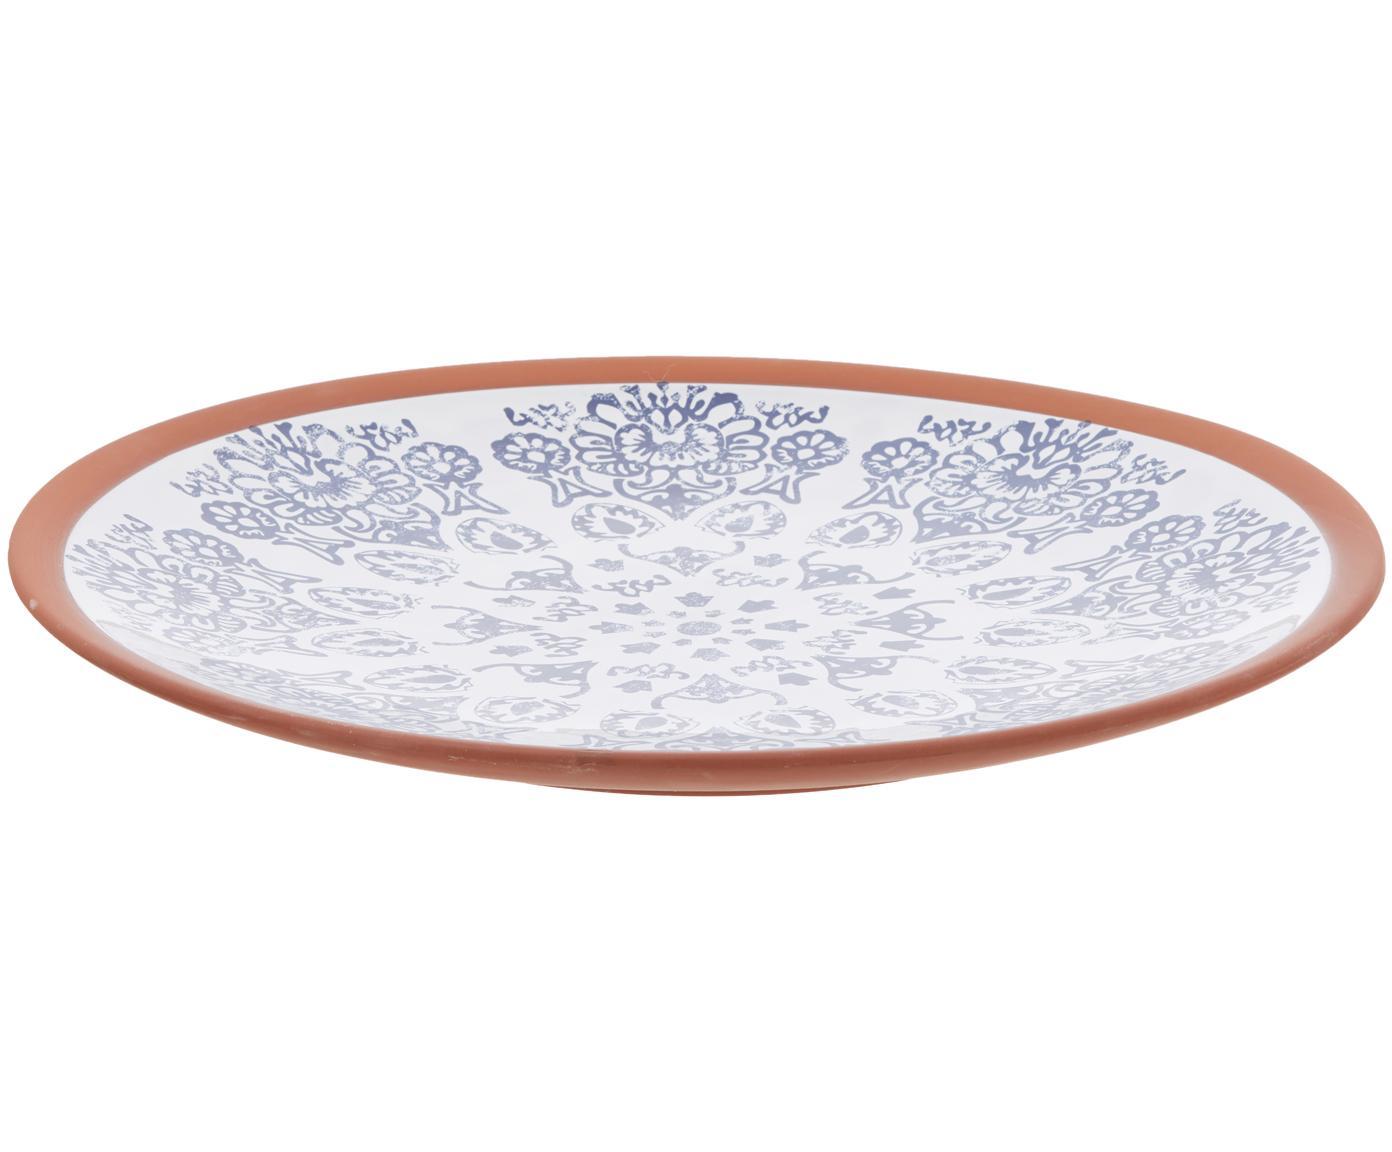 Handgefertigte Servierplatte Tapas, Terrakotta, Blau, Weiss, Braun, Ø 37 x H 6 cm